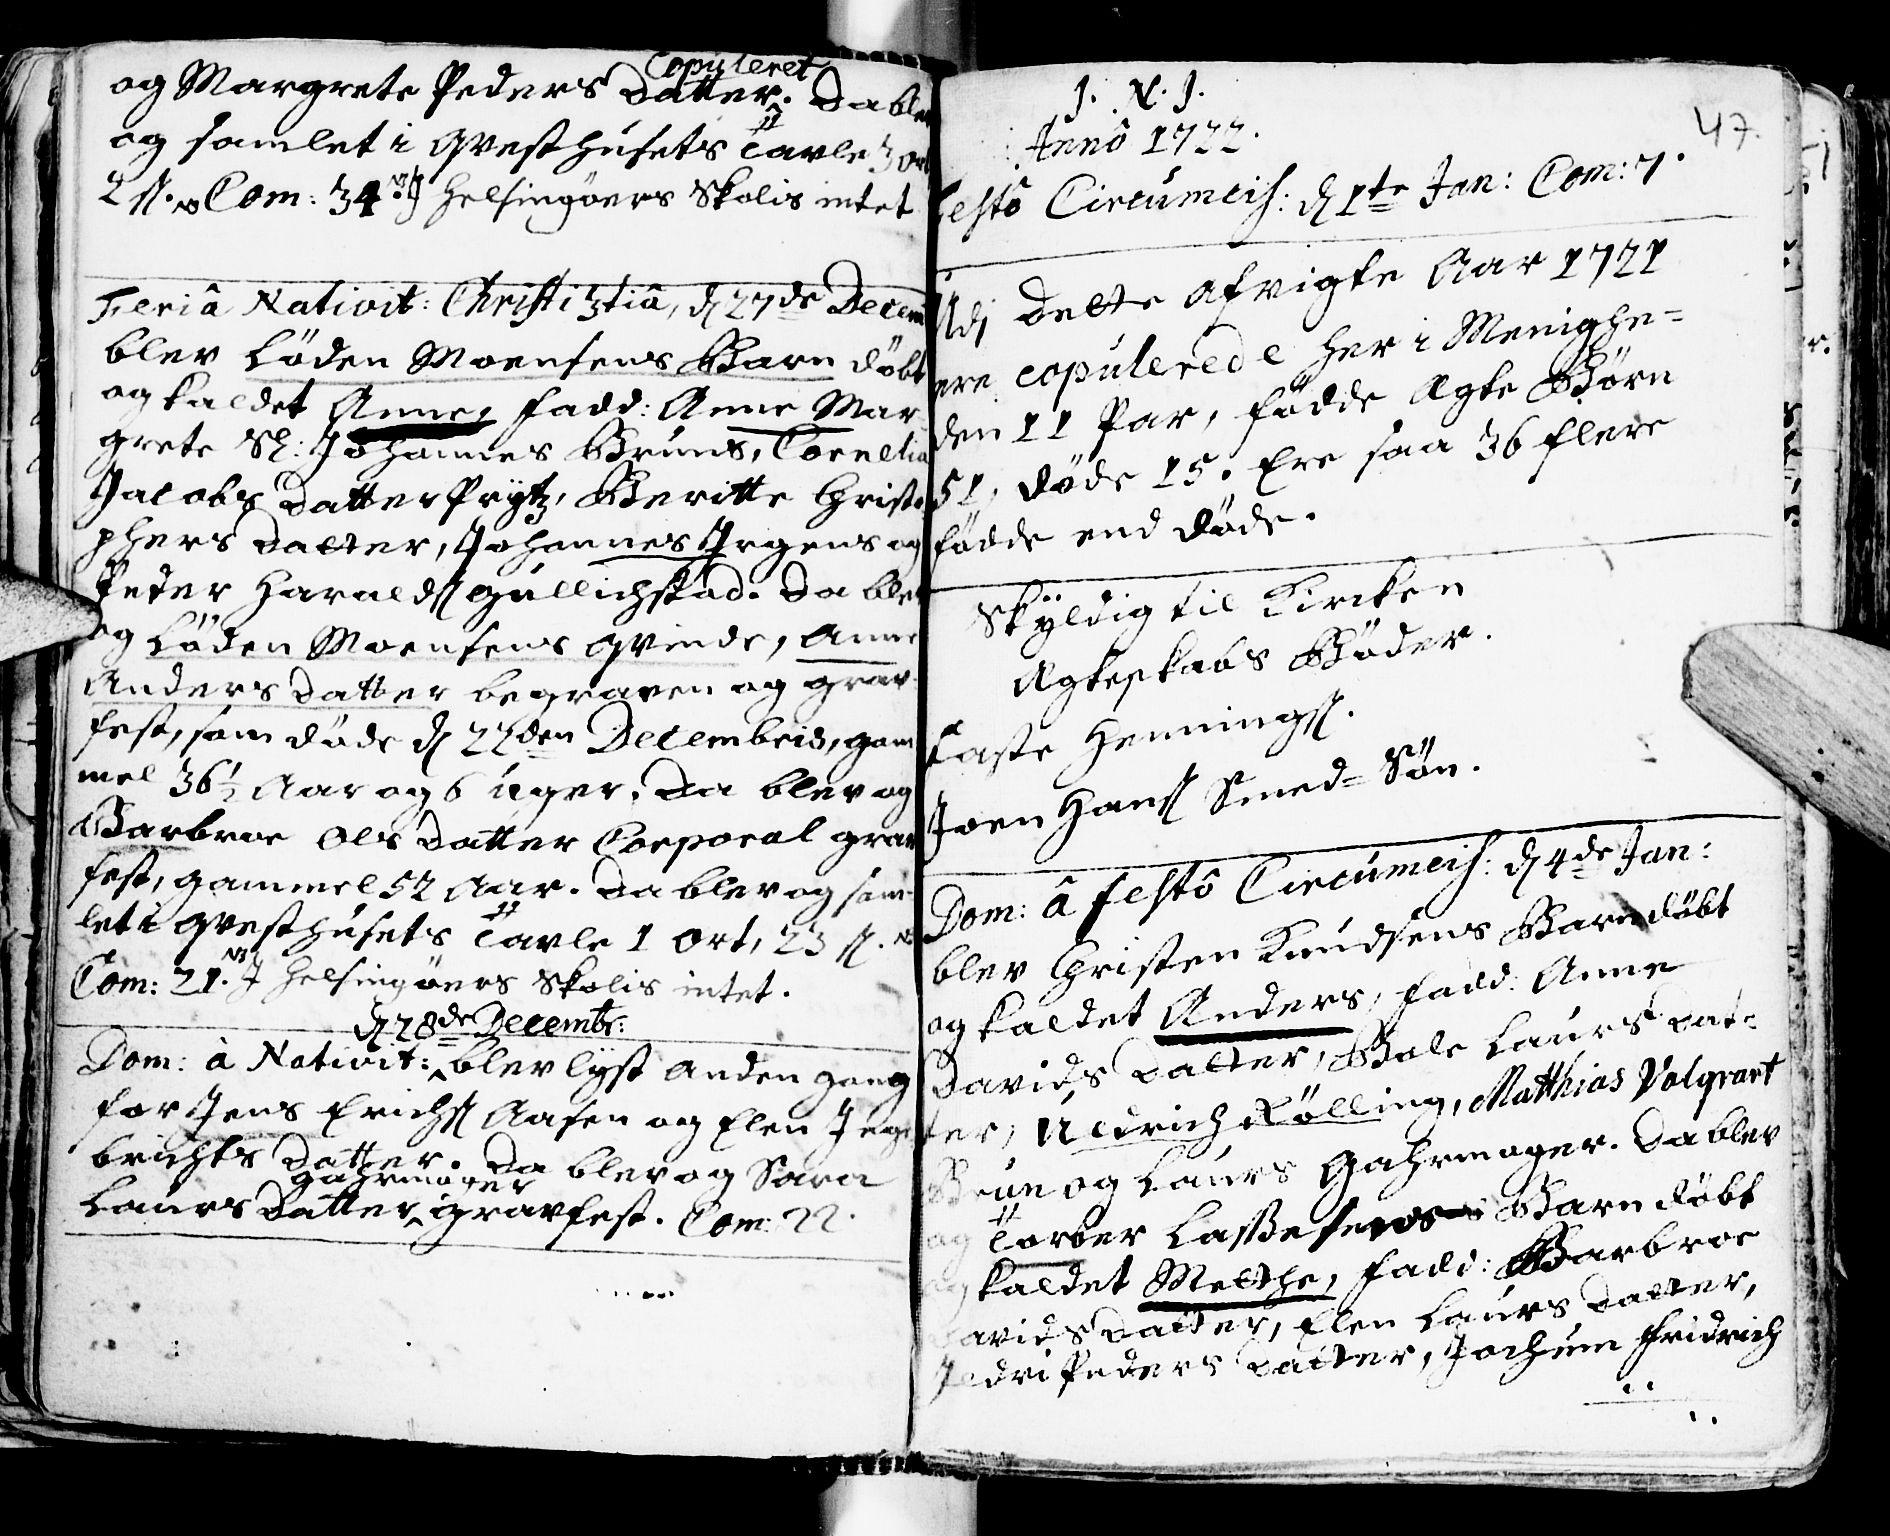 SAT, Ministerialprotokoller, klokkerbøker og fødselsregistre - Sør-Trøndelag, 681/L0924: Ministerialbok nr. 681A02, 1720-1731, s. 46-47